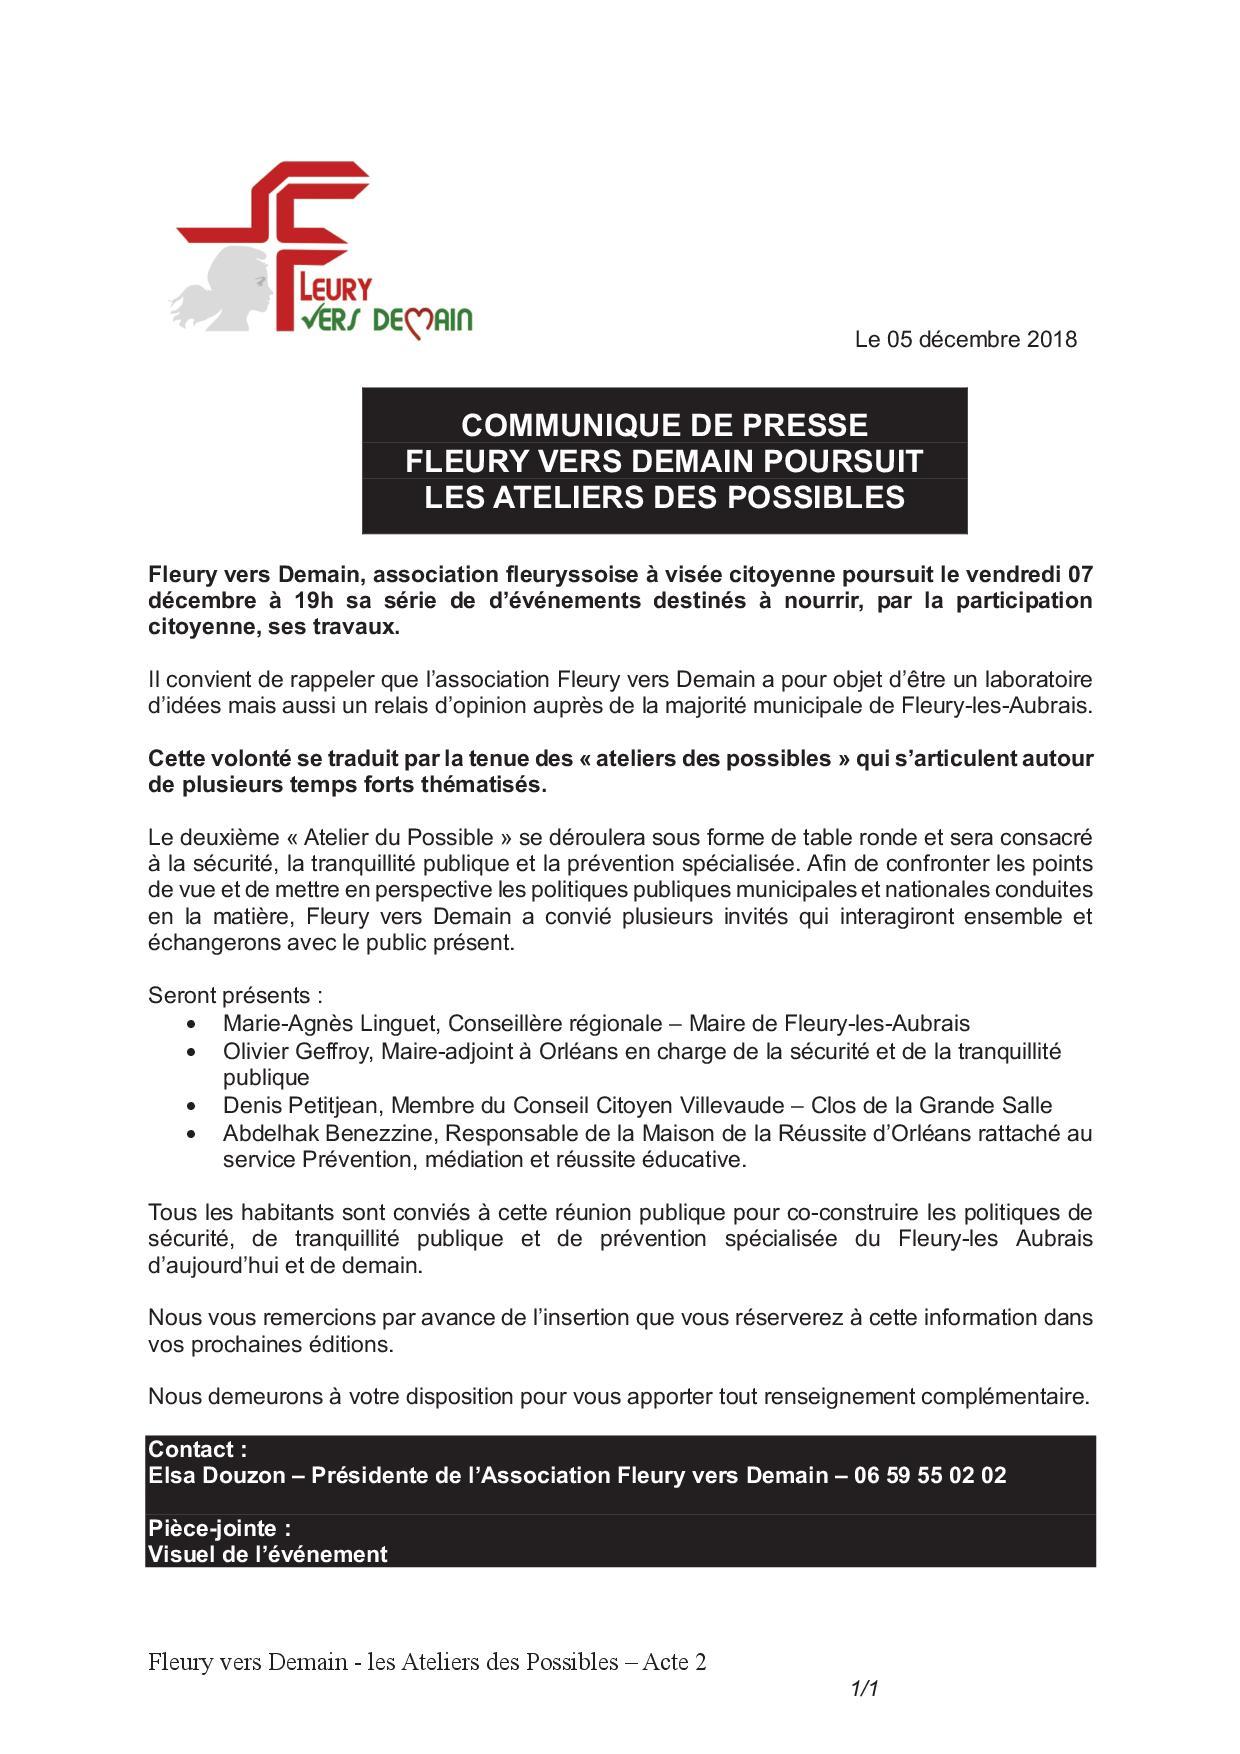 CP Atelier des possibles Sécurité-tranquillité publique-prévention-1.jpg